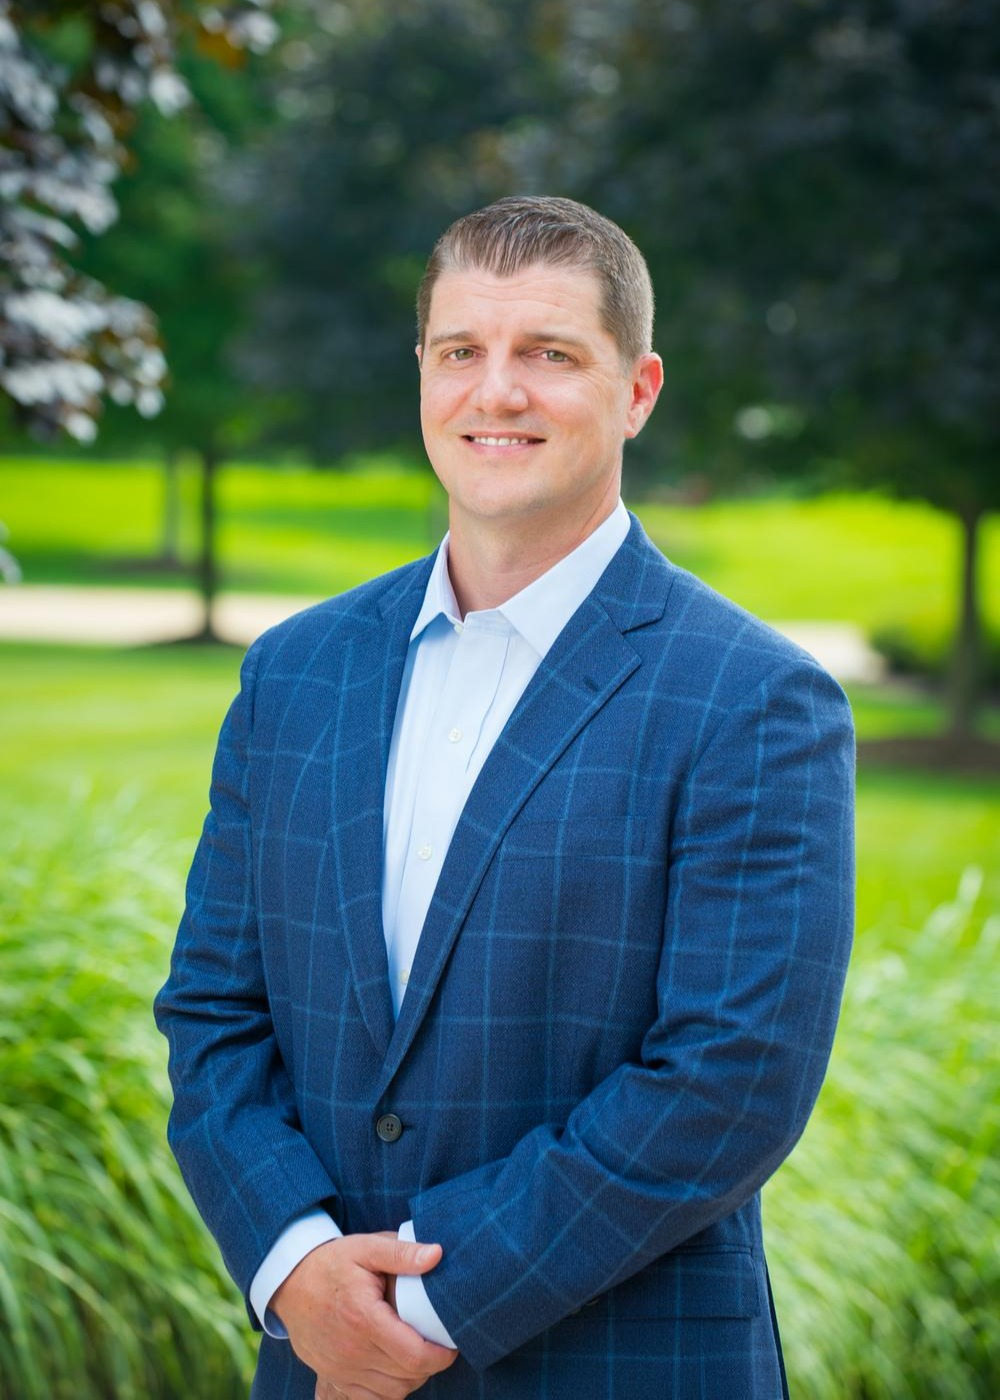 William Lalor, CFP®, CFA Photo